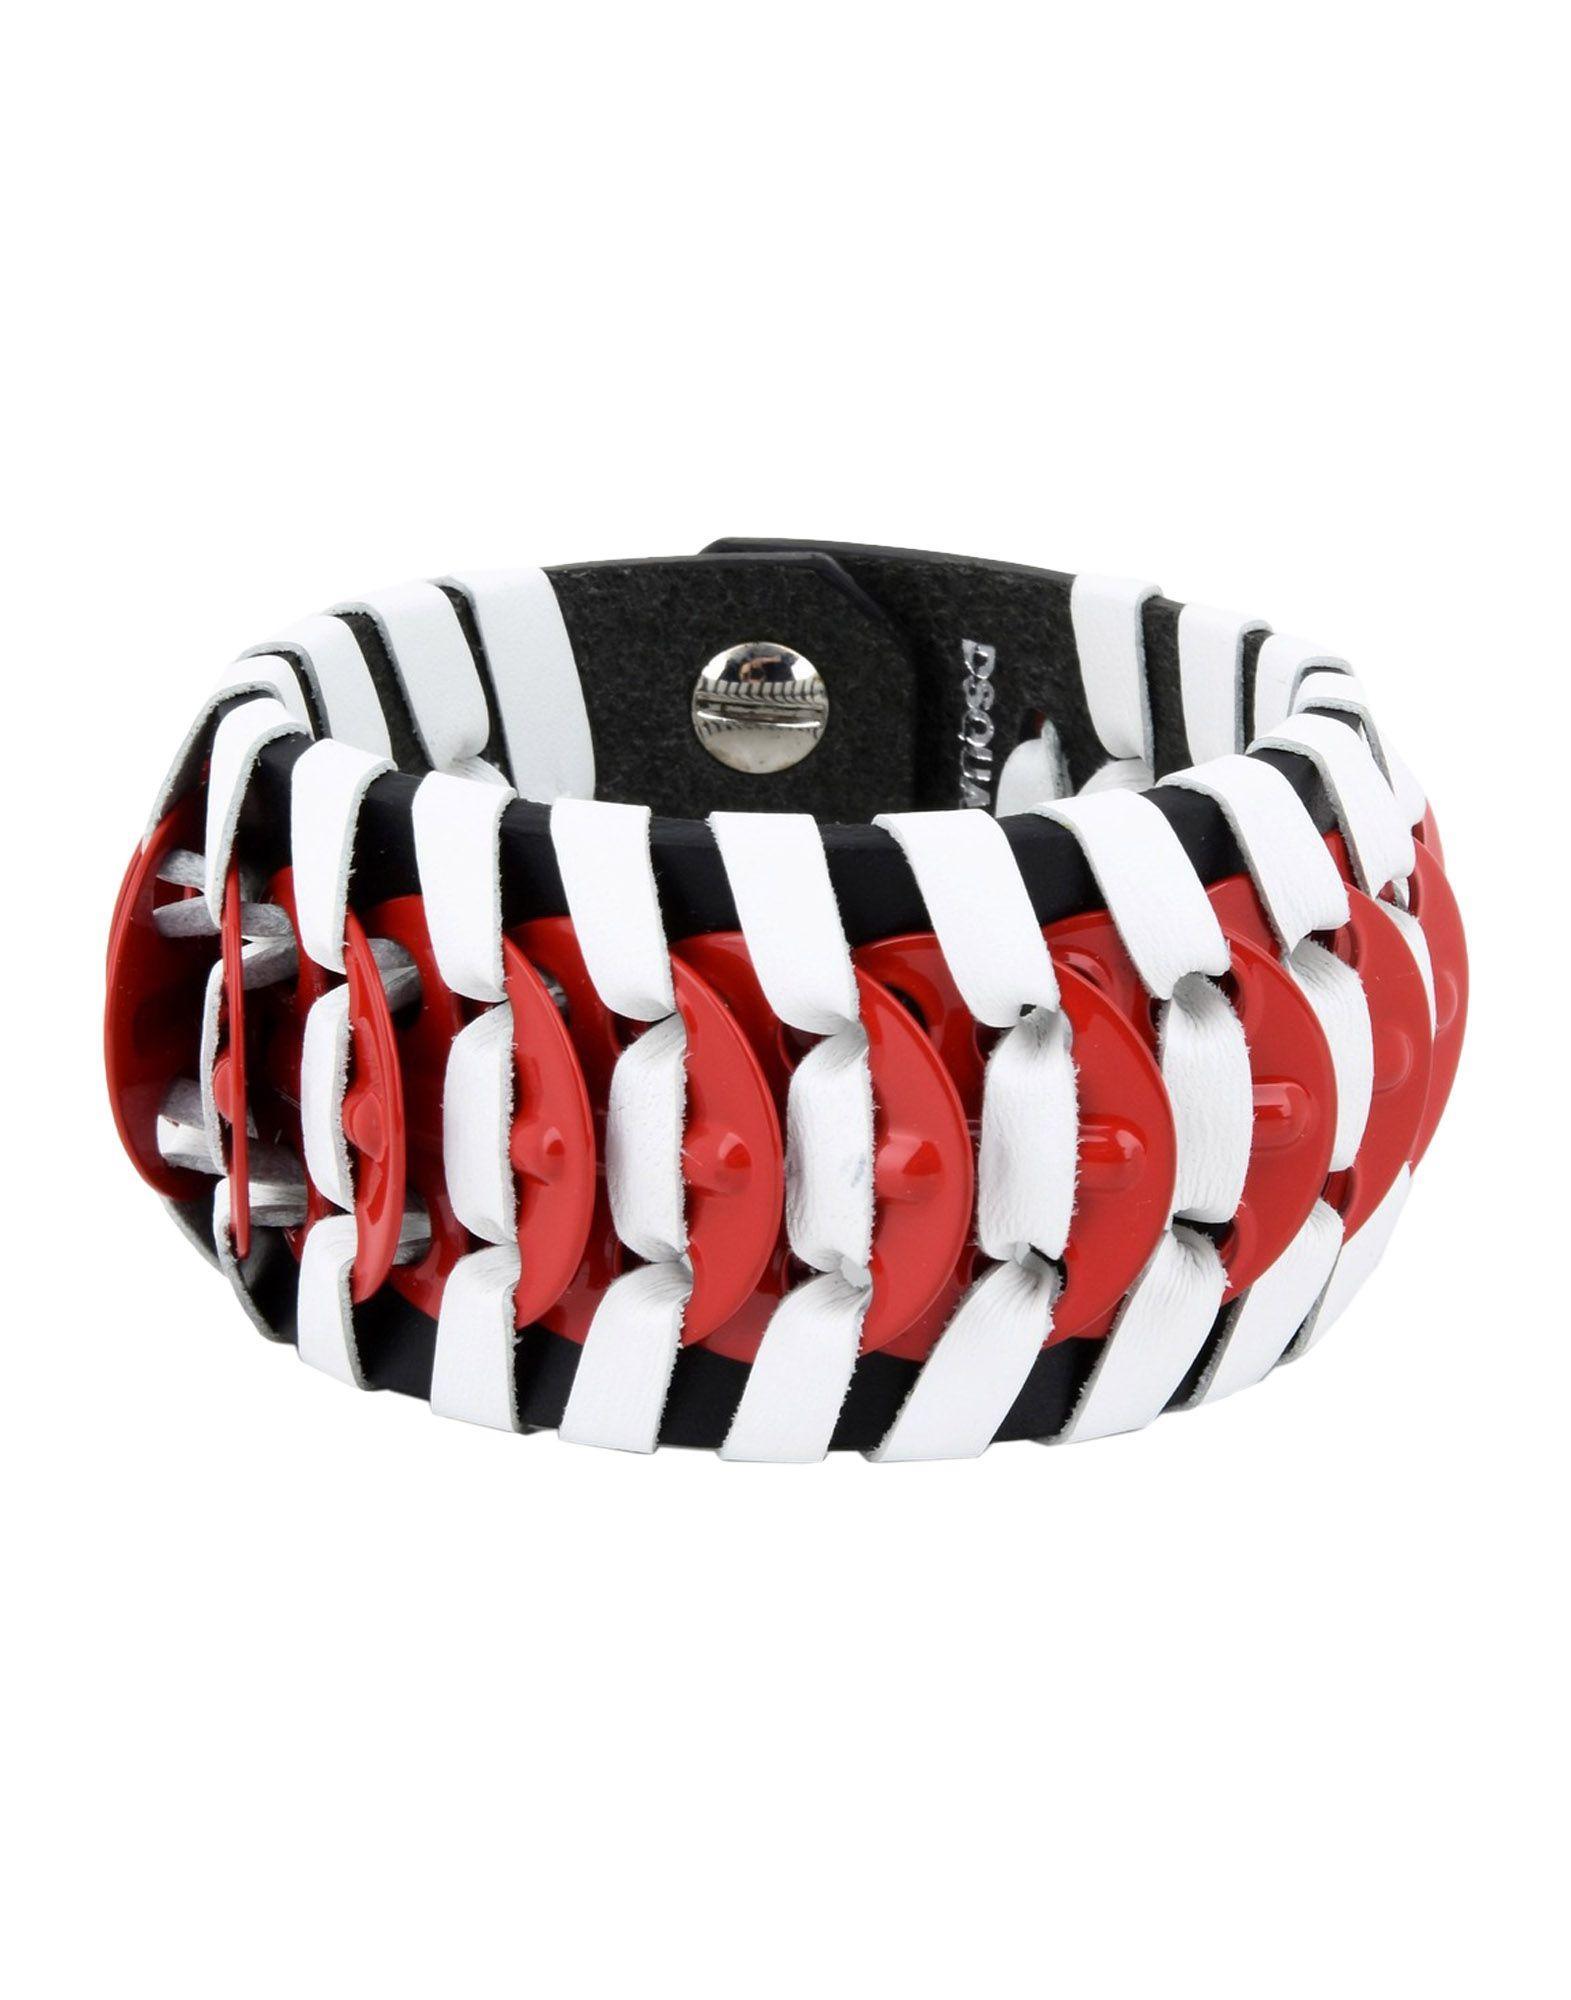 Dsquared2 Bracelet In Brick Red